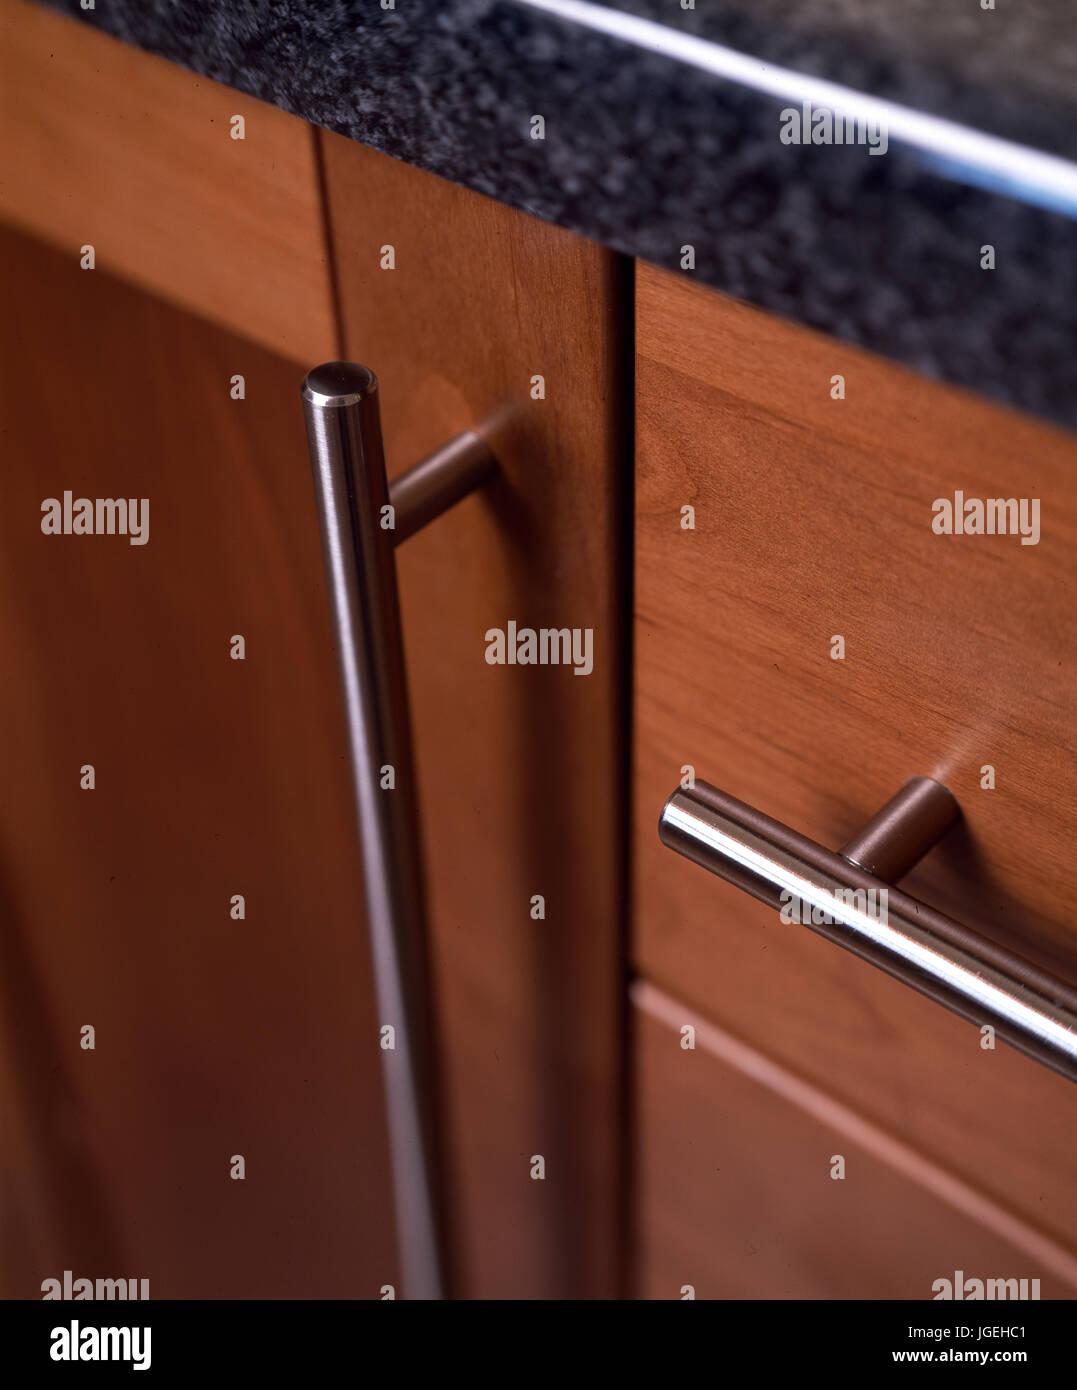 Primo piano del mobile da cucina con maniglie in acciaio ...